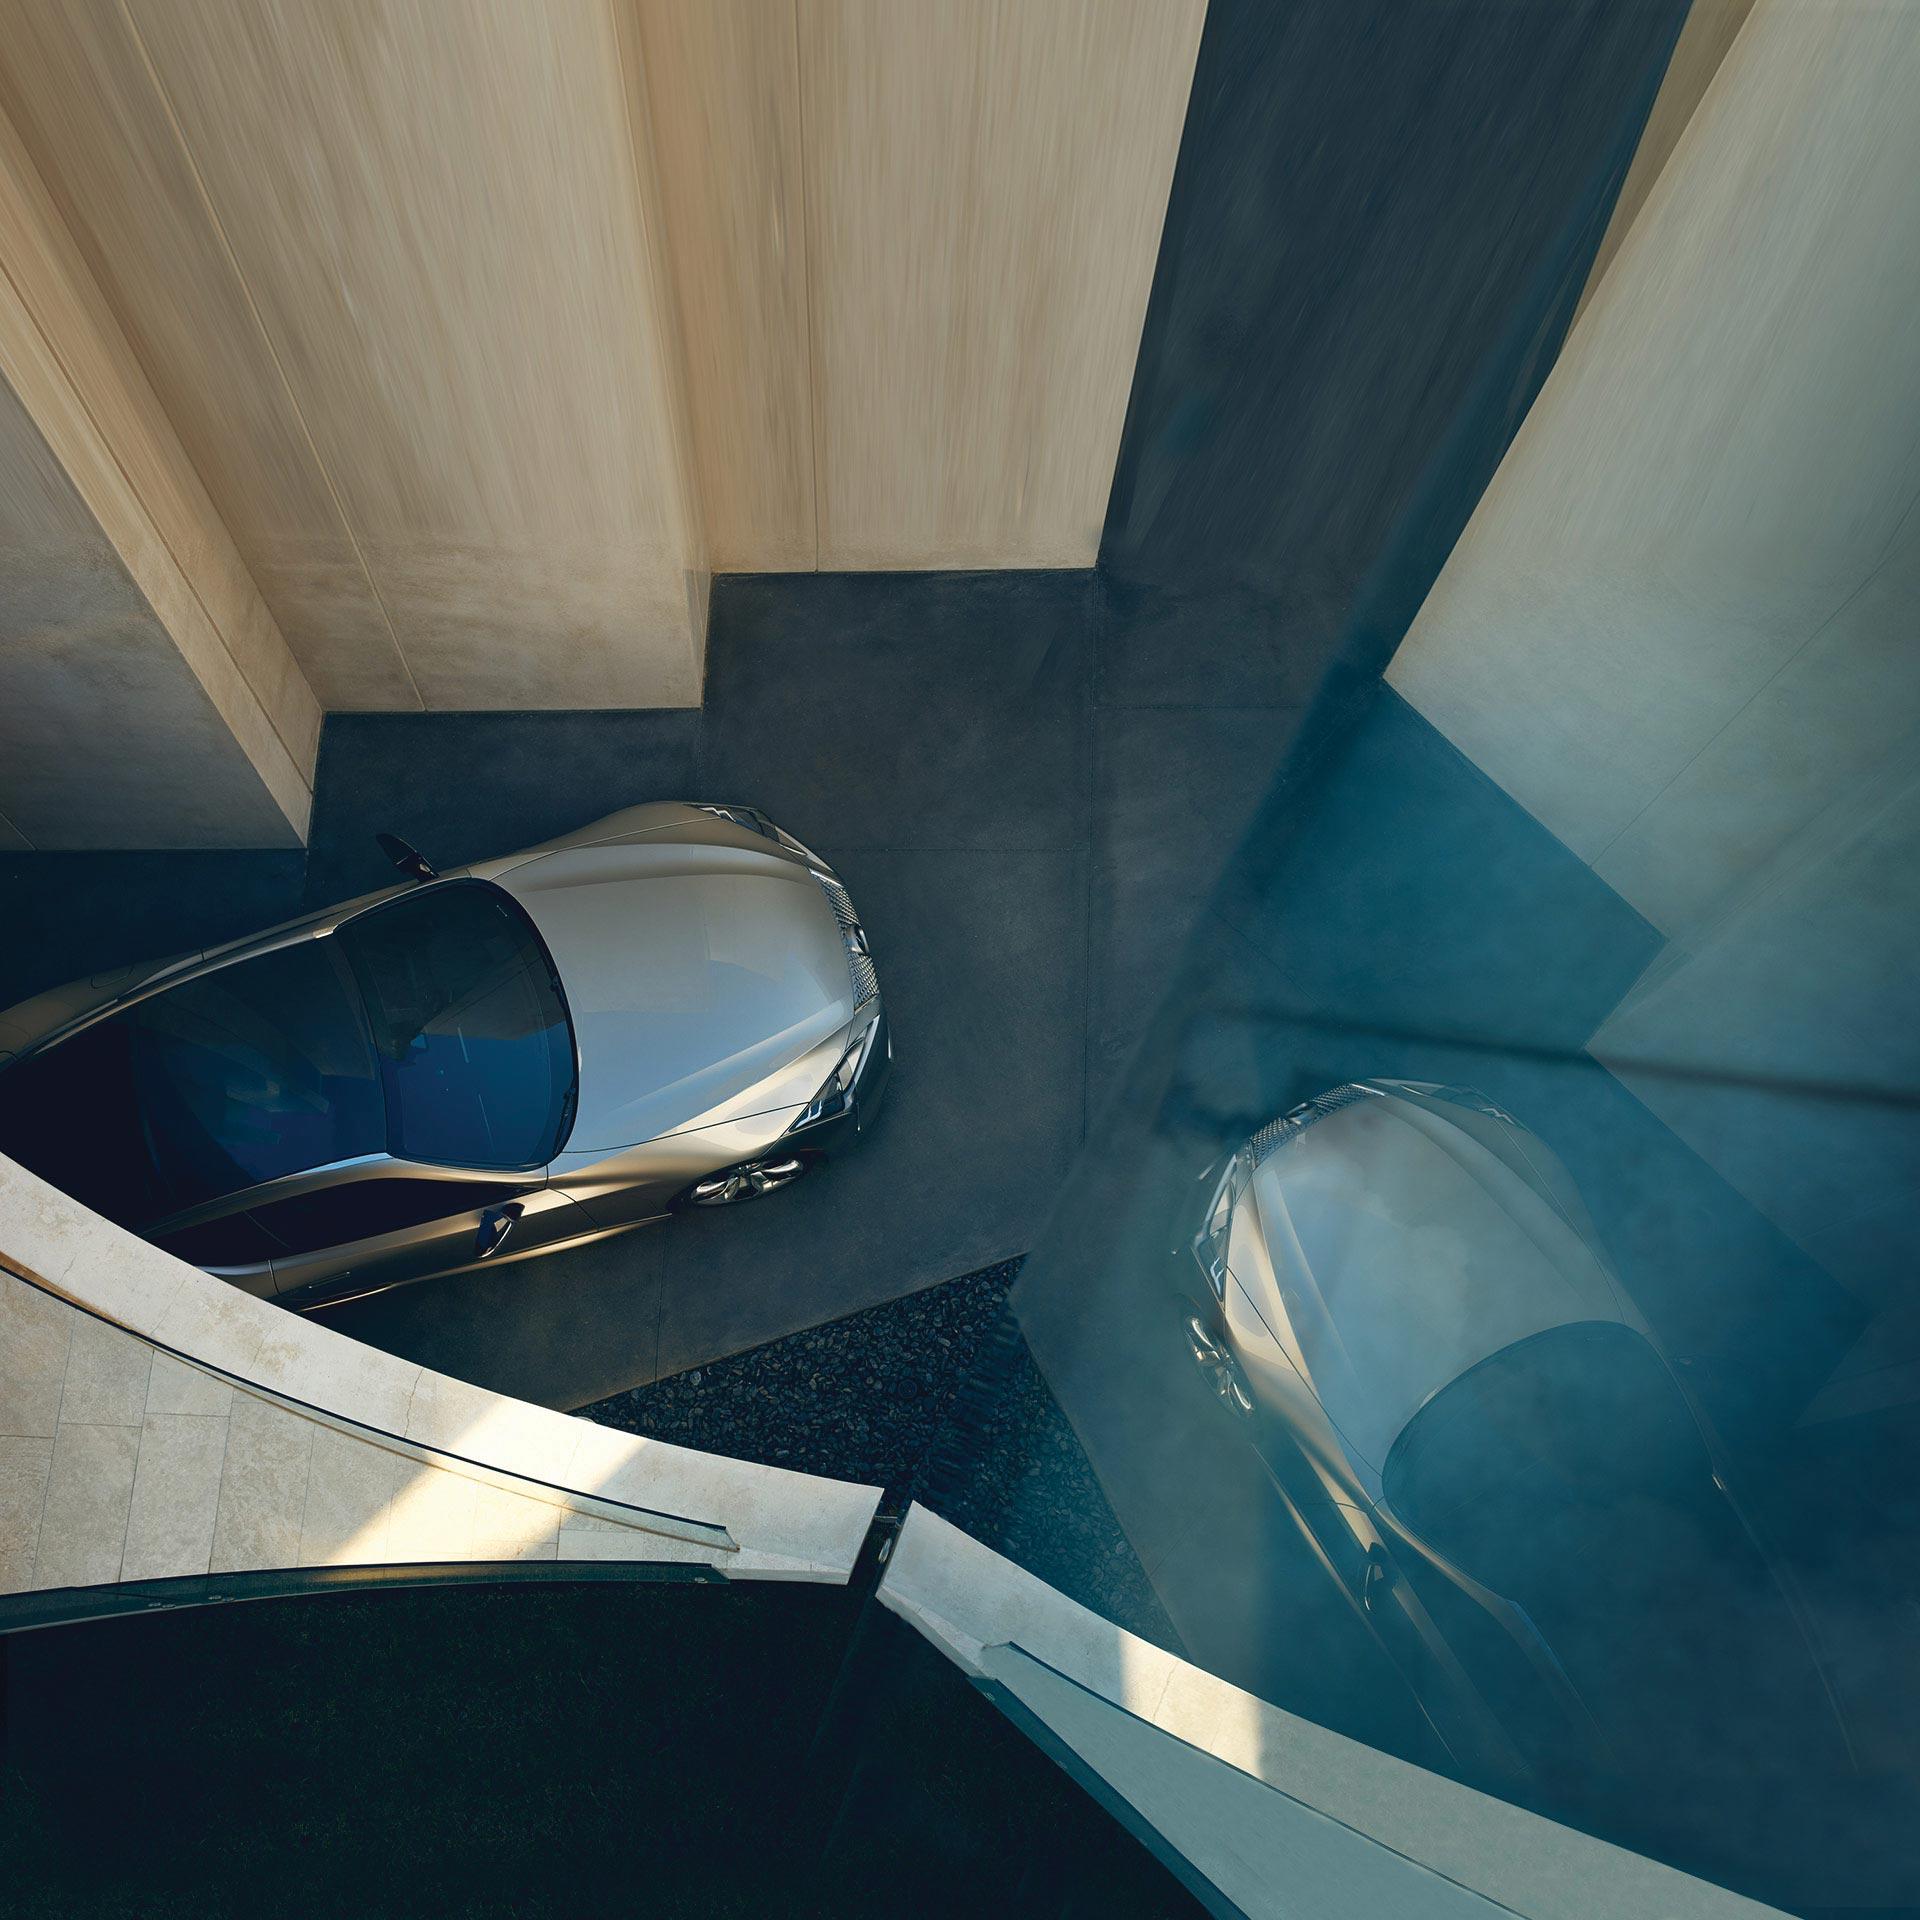 Lexus provokantes Design